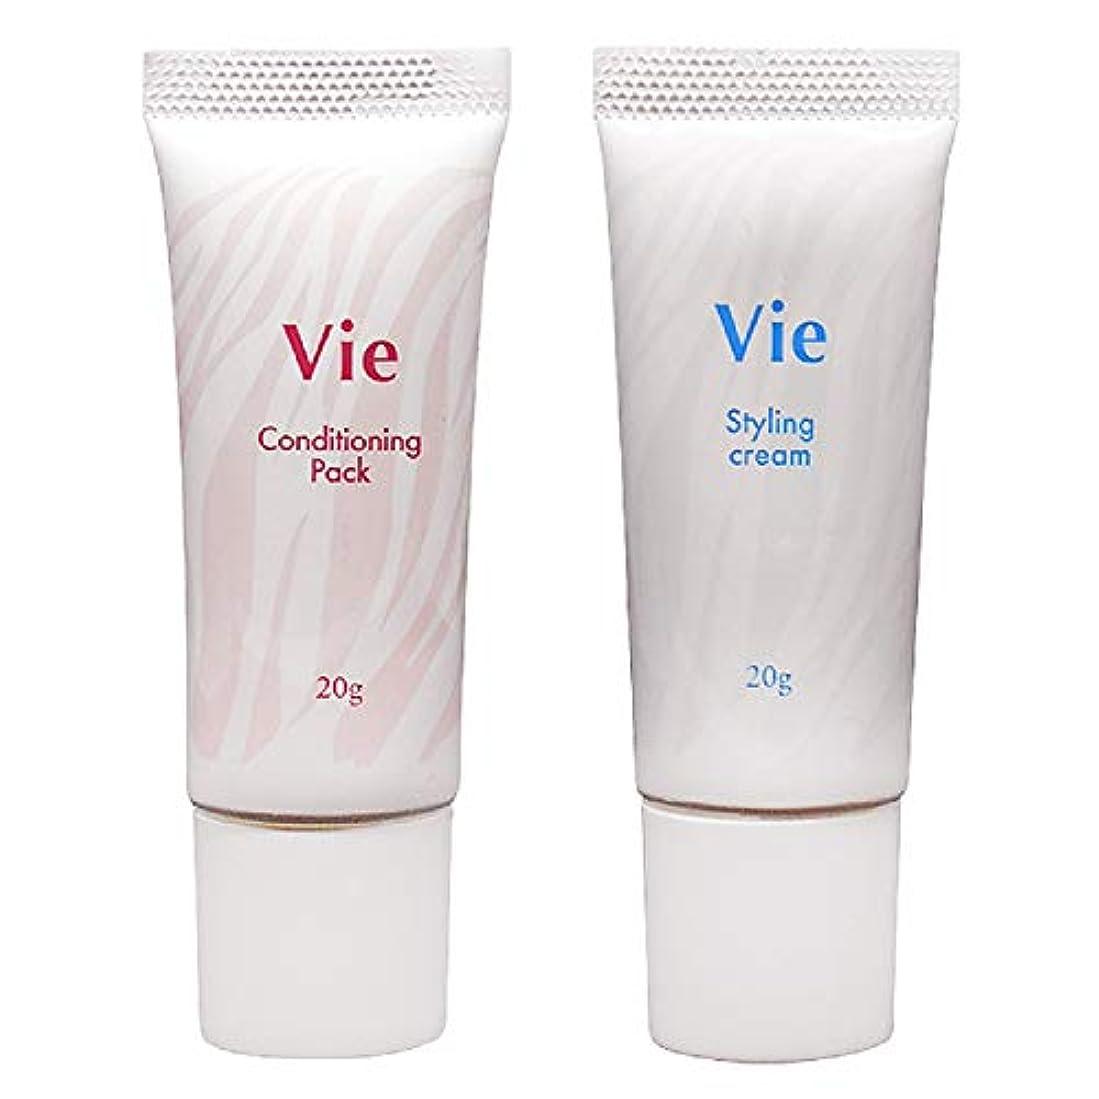 振り向く旅行代理店市場Vie コンディショニングパック 20g + スタイリングクリーム20g セット